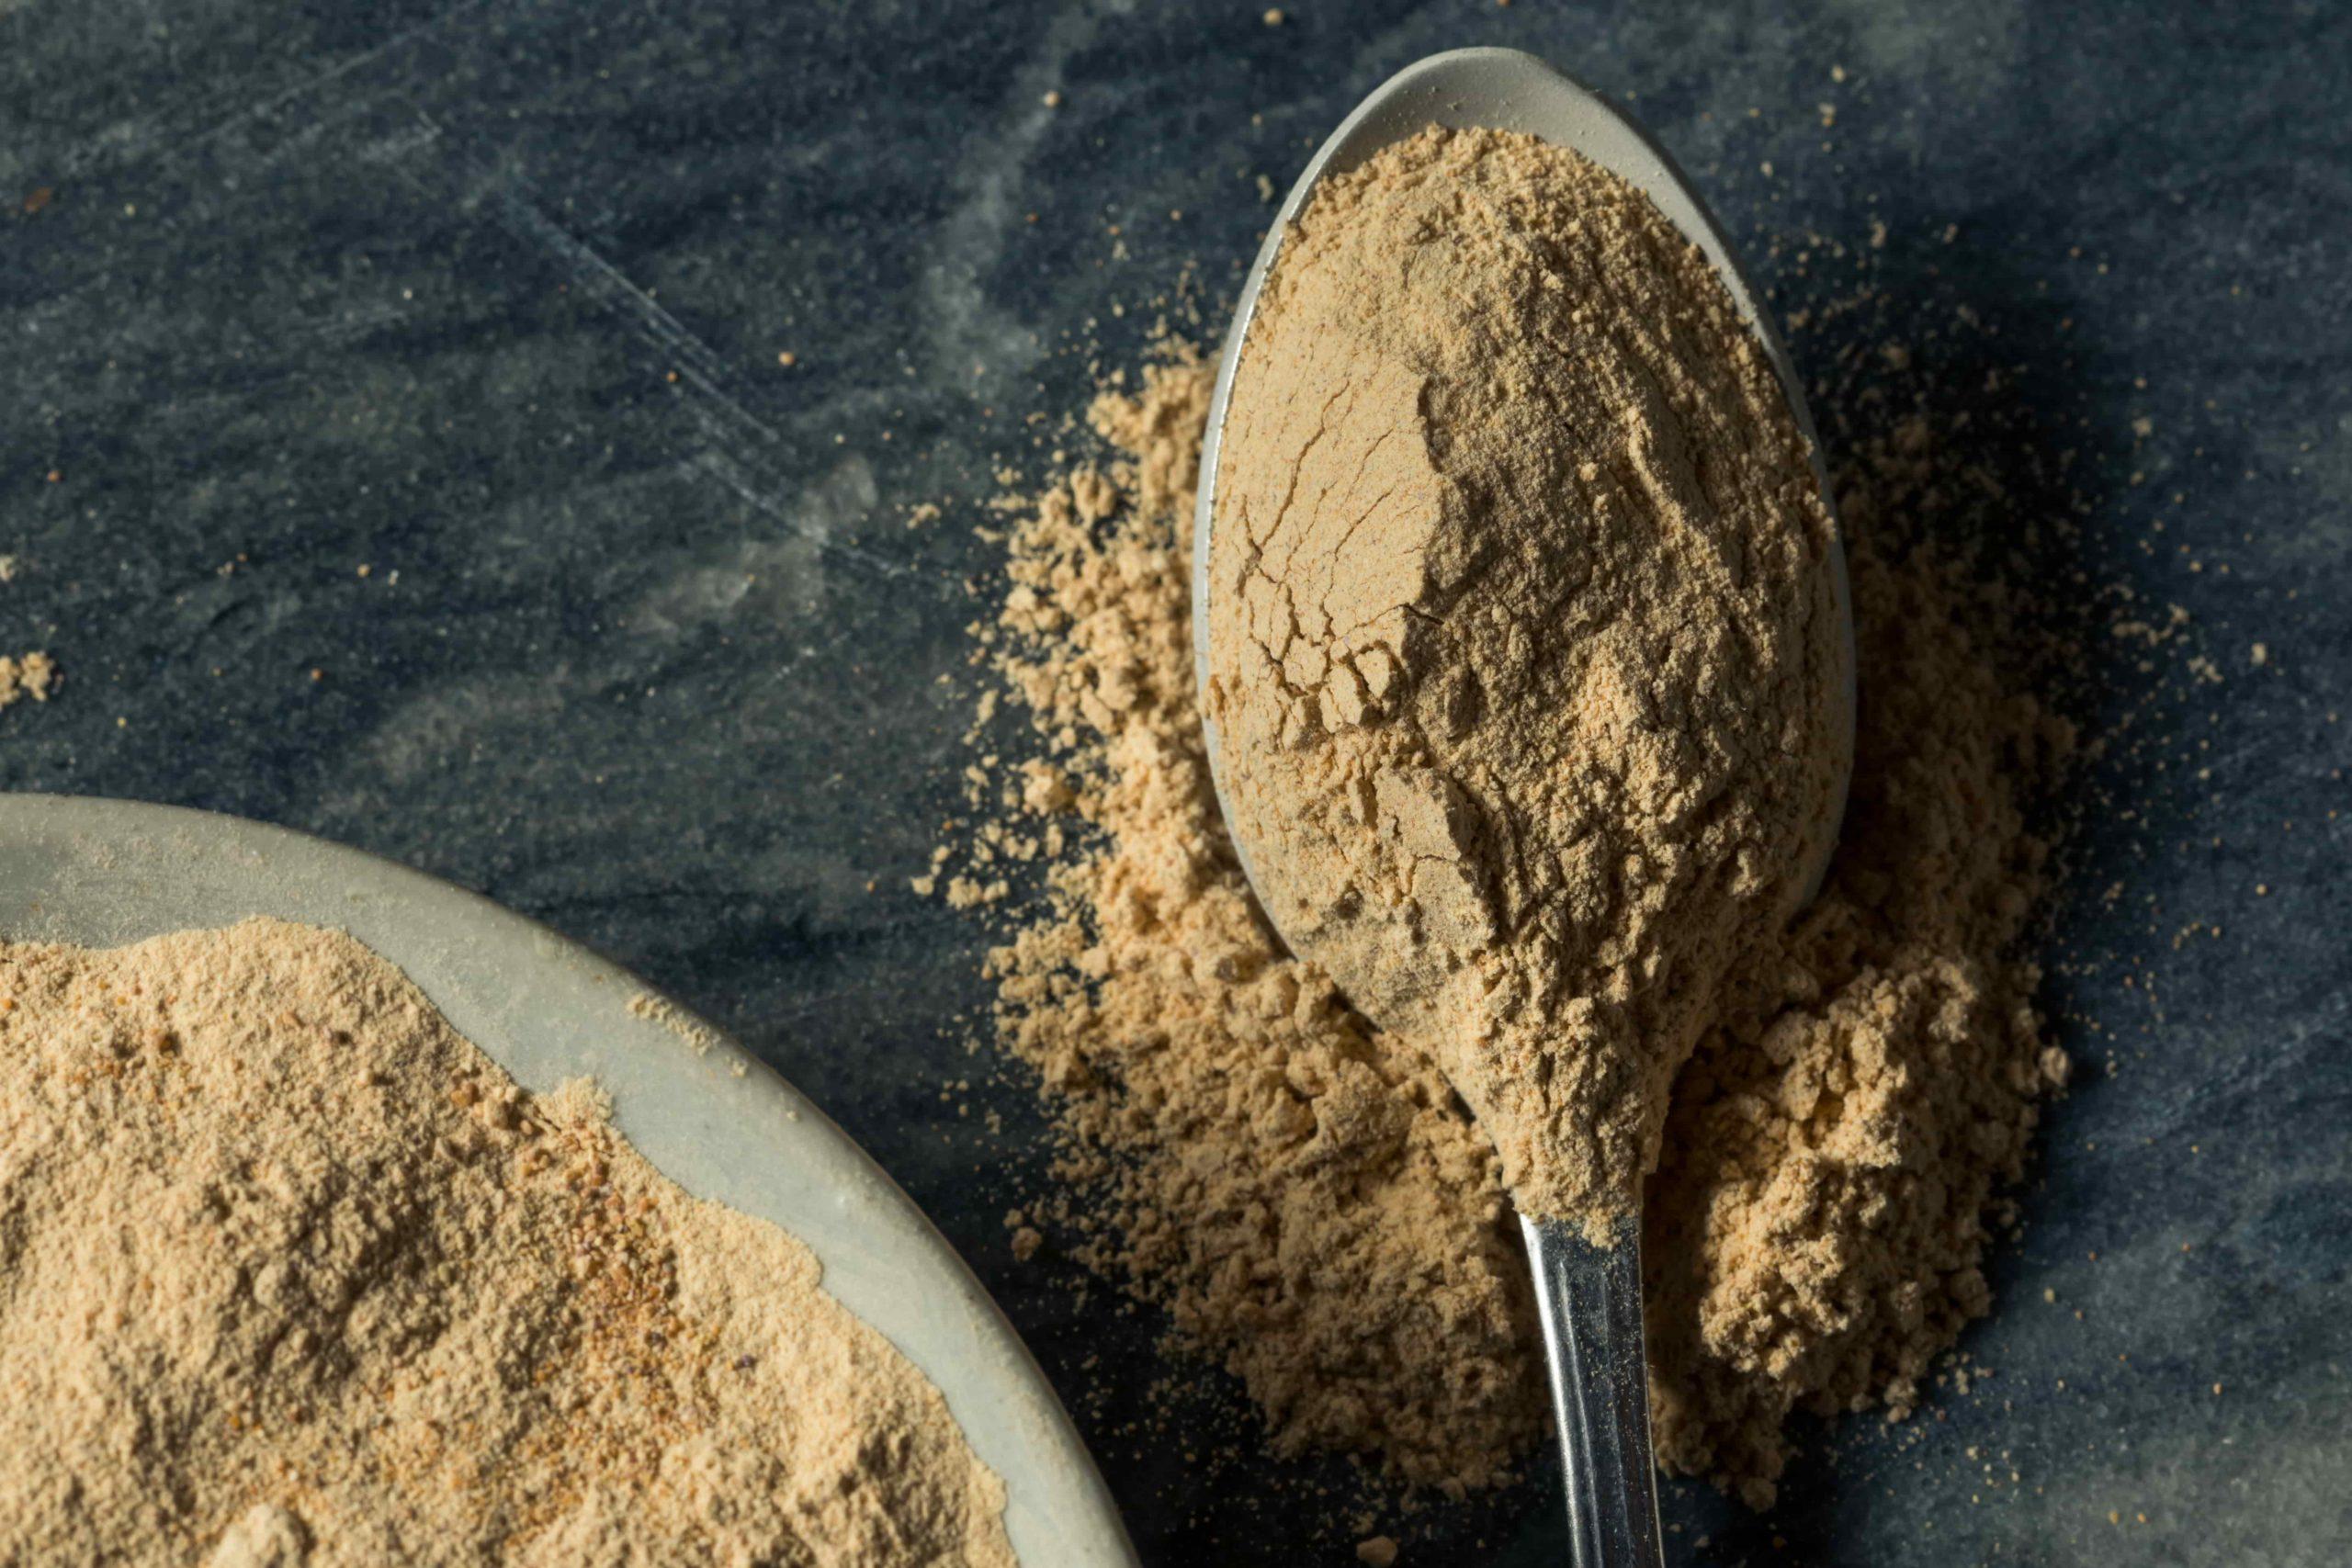 Мака перуанская - суперфуд для похудения. Чем она полезна, где применяется